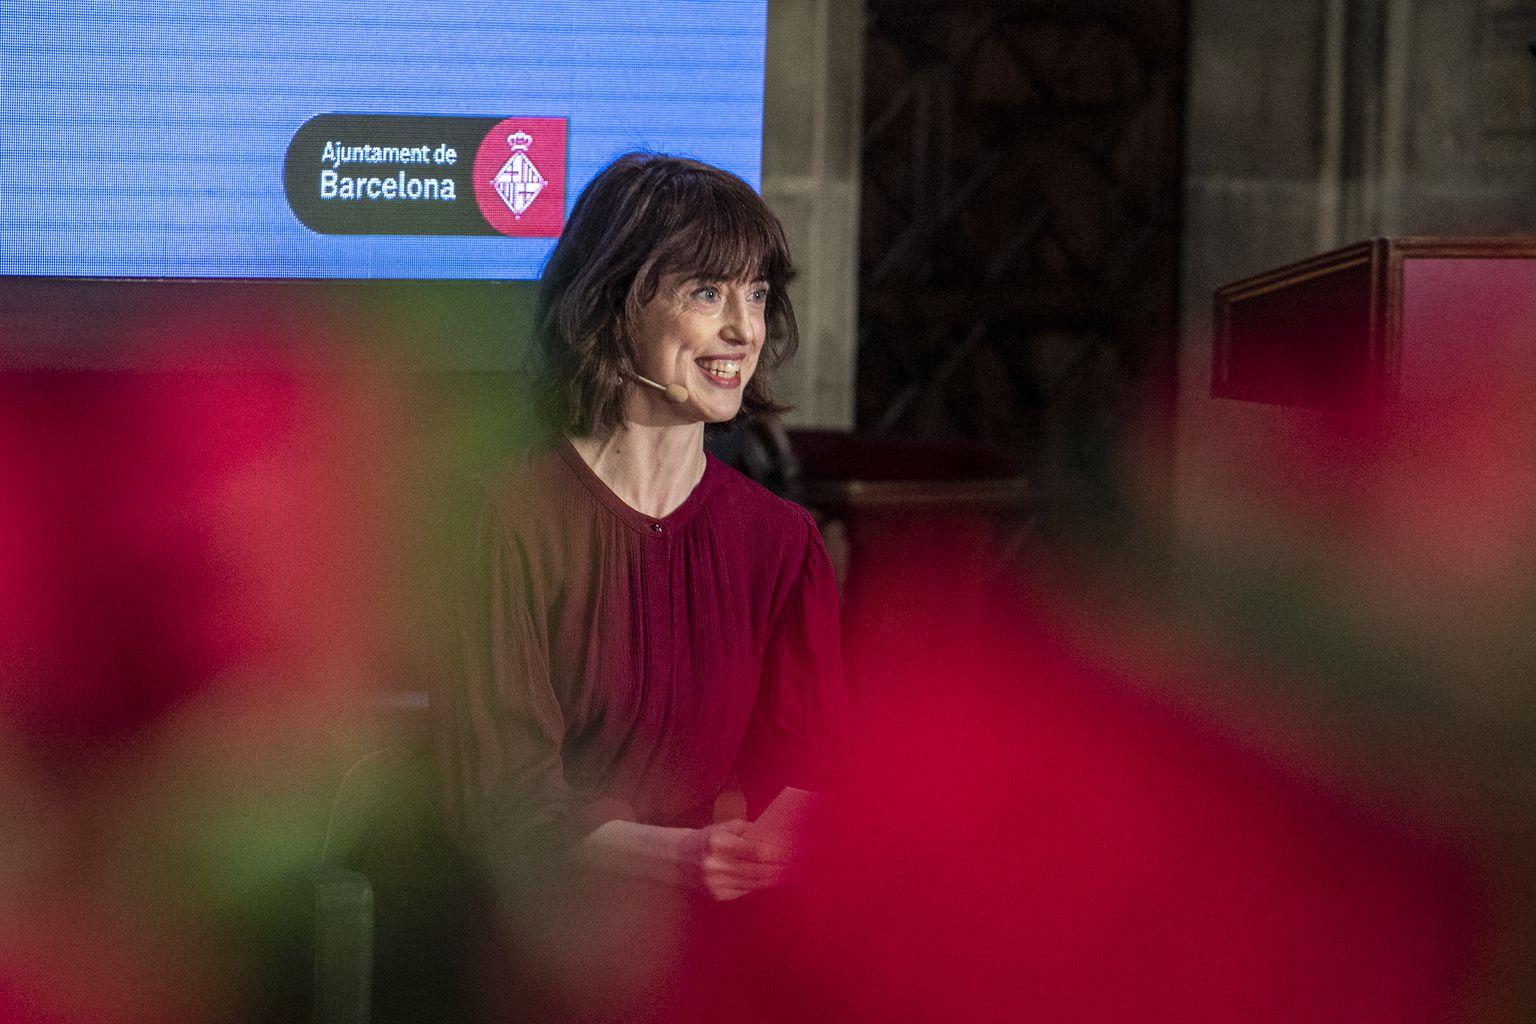 Pregó de la lectura de l'escriptora Irene Vallejo amb motiu de la diada de Sant Jordi